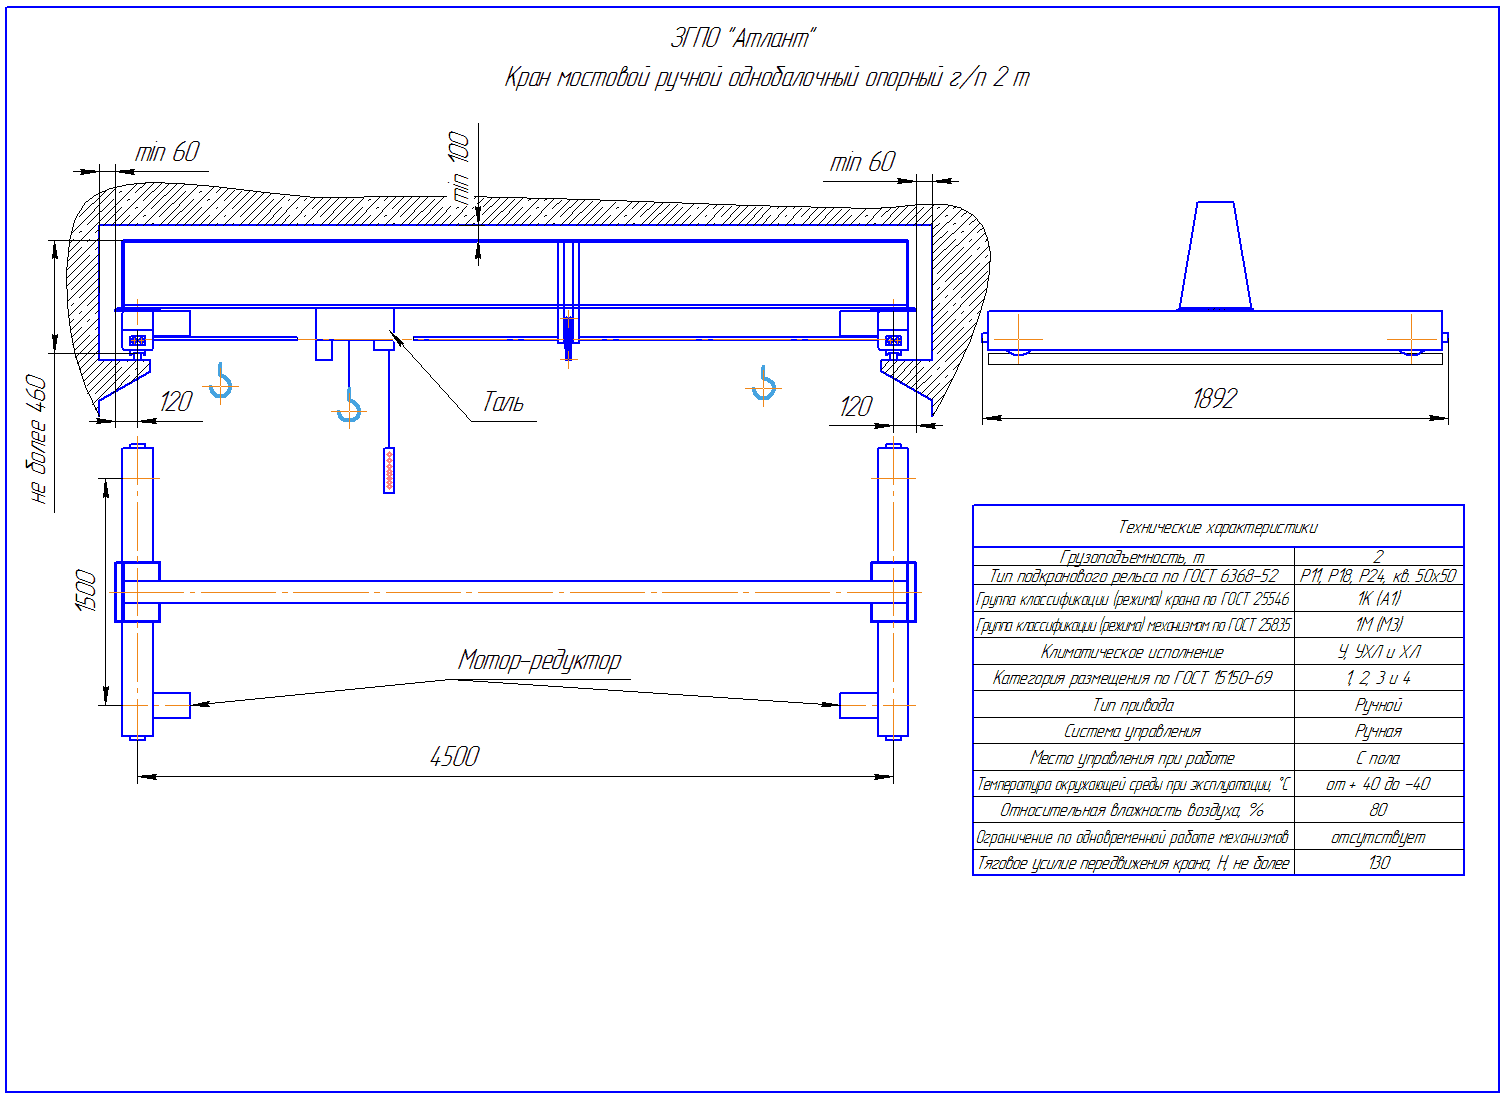 KRMOO 2 45 - Кран ручной мостовой опорный однобалочный